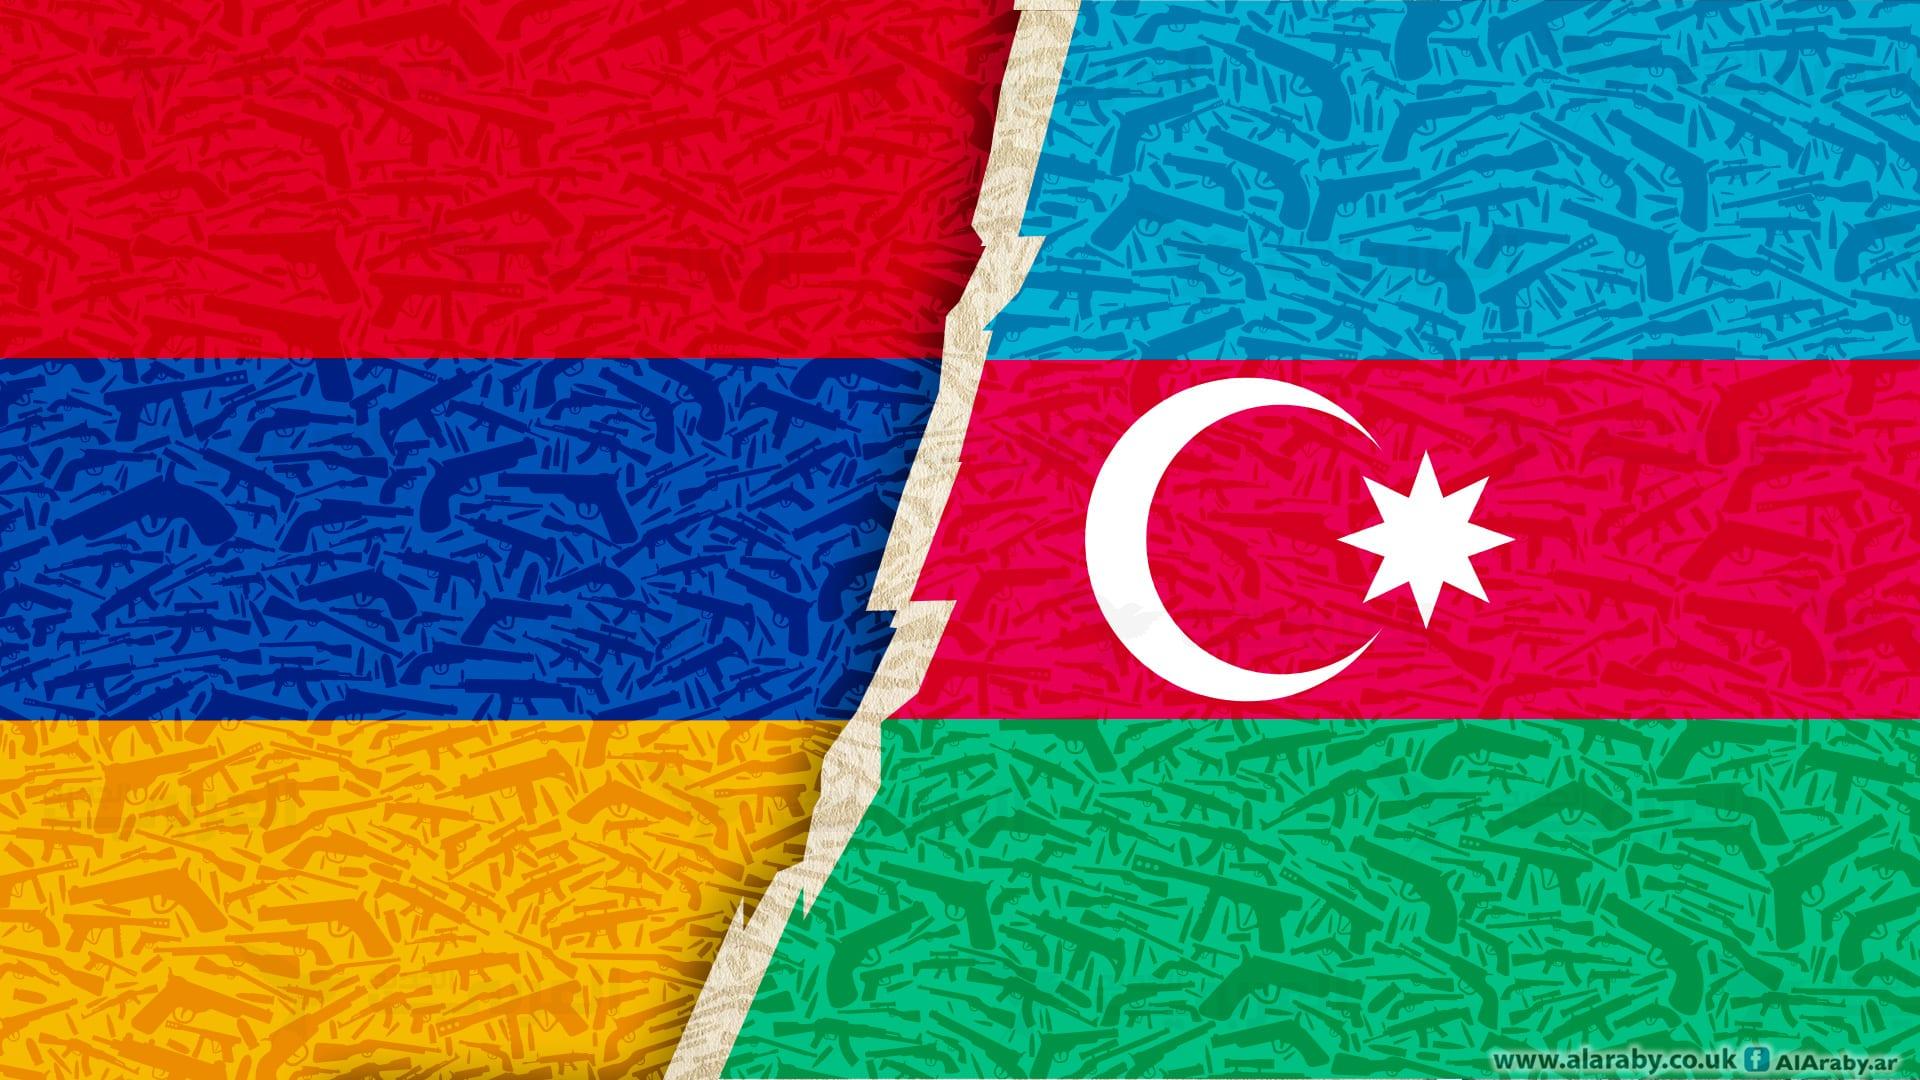 أذربيجان ناجورنو كاراباخ والصراع التاريخي بين أذربيجان وأرمينيا.. لغم في برميل بارود 1